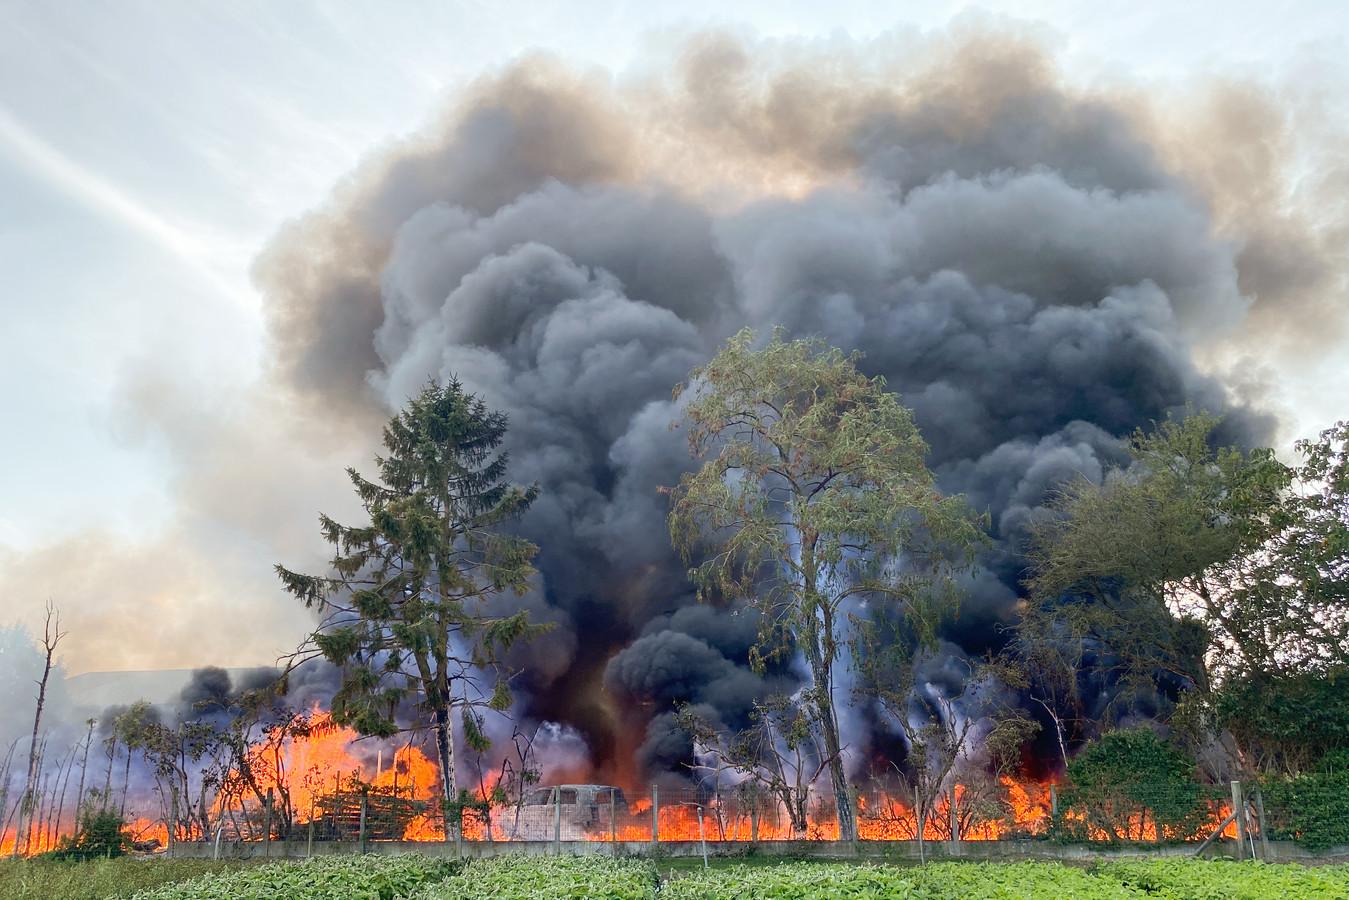 Door de brand ontstond een dikke zwarte rookpluim, die tot kilometers ver te zien was.